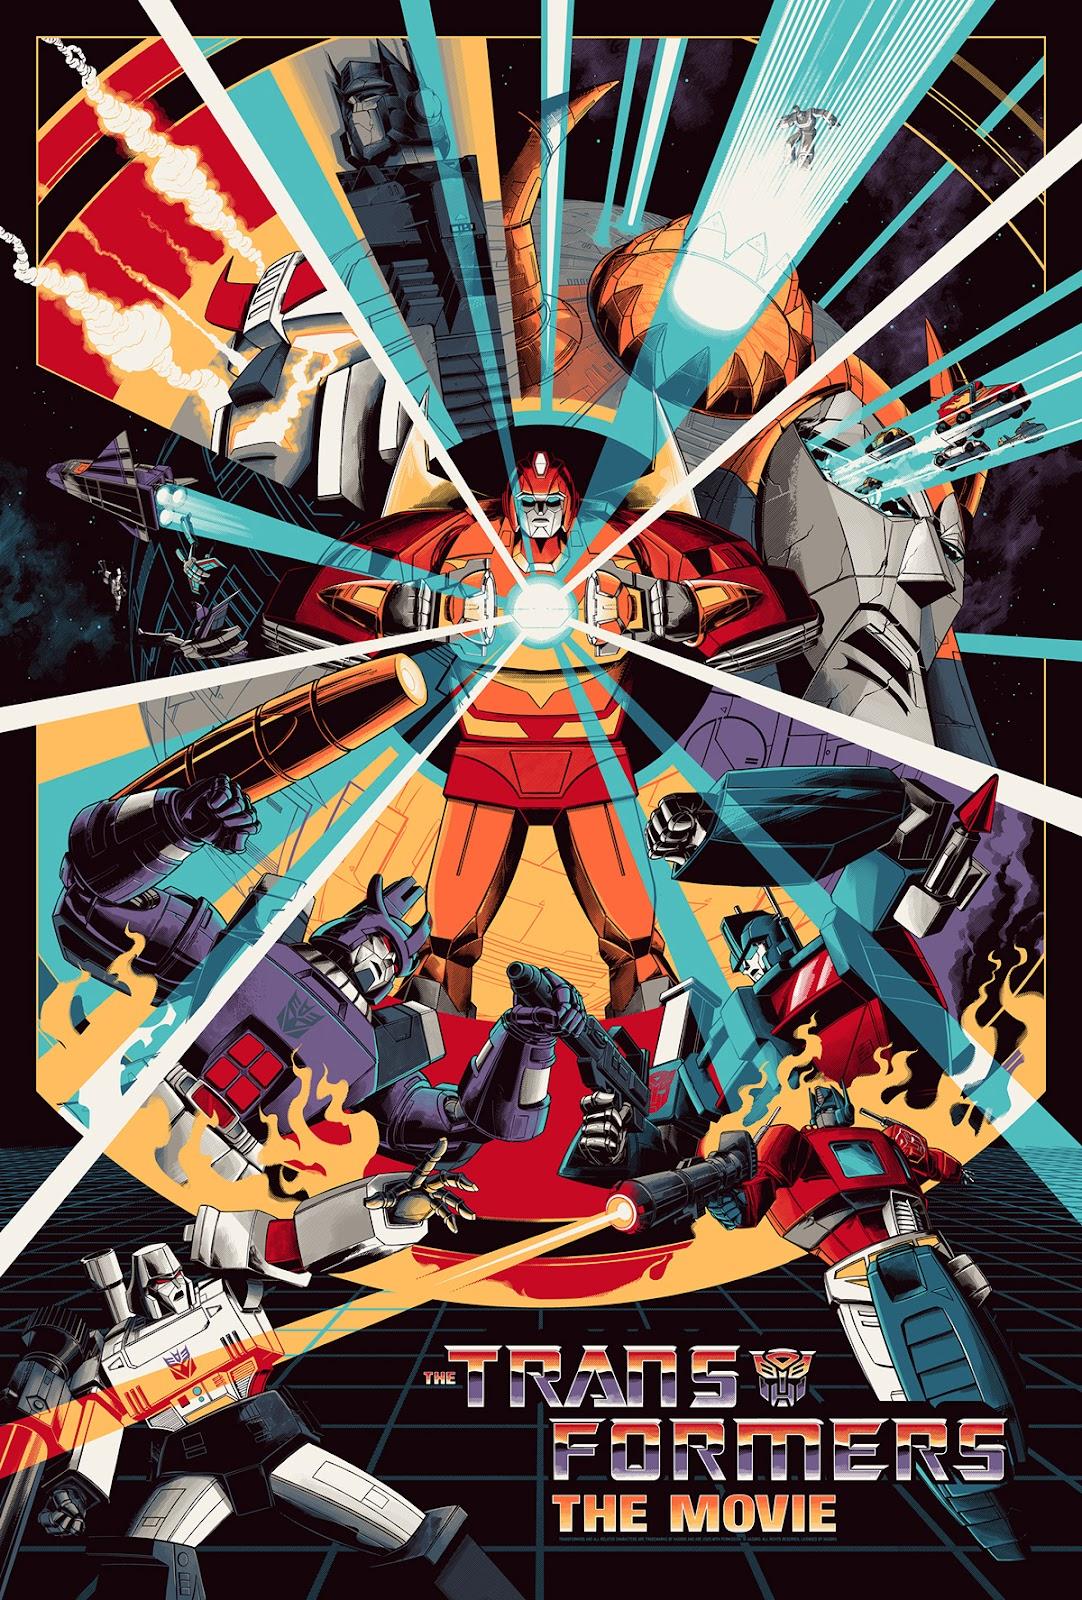 Transformer The Movie has a Nostalgic Screen Print Poster Design